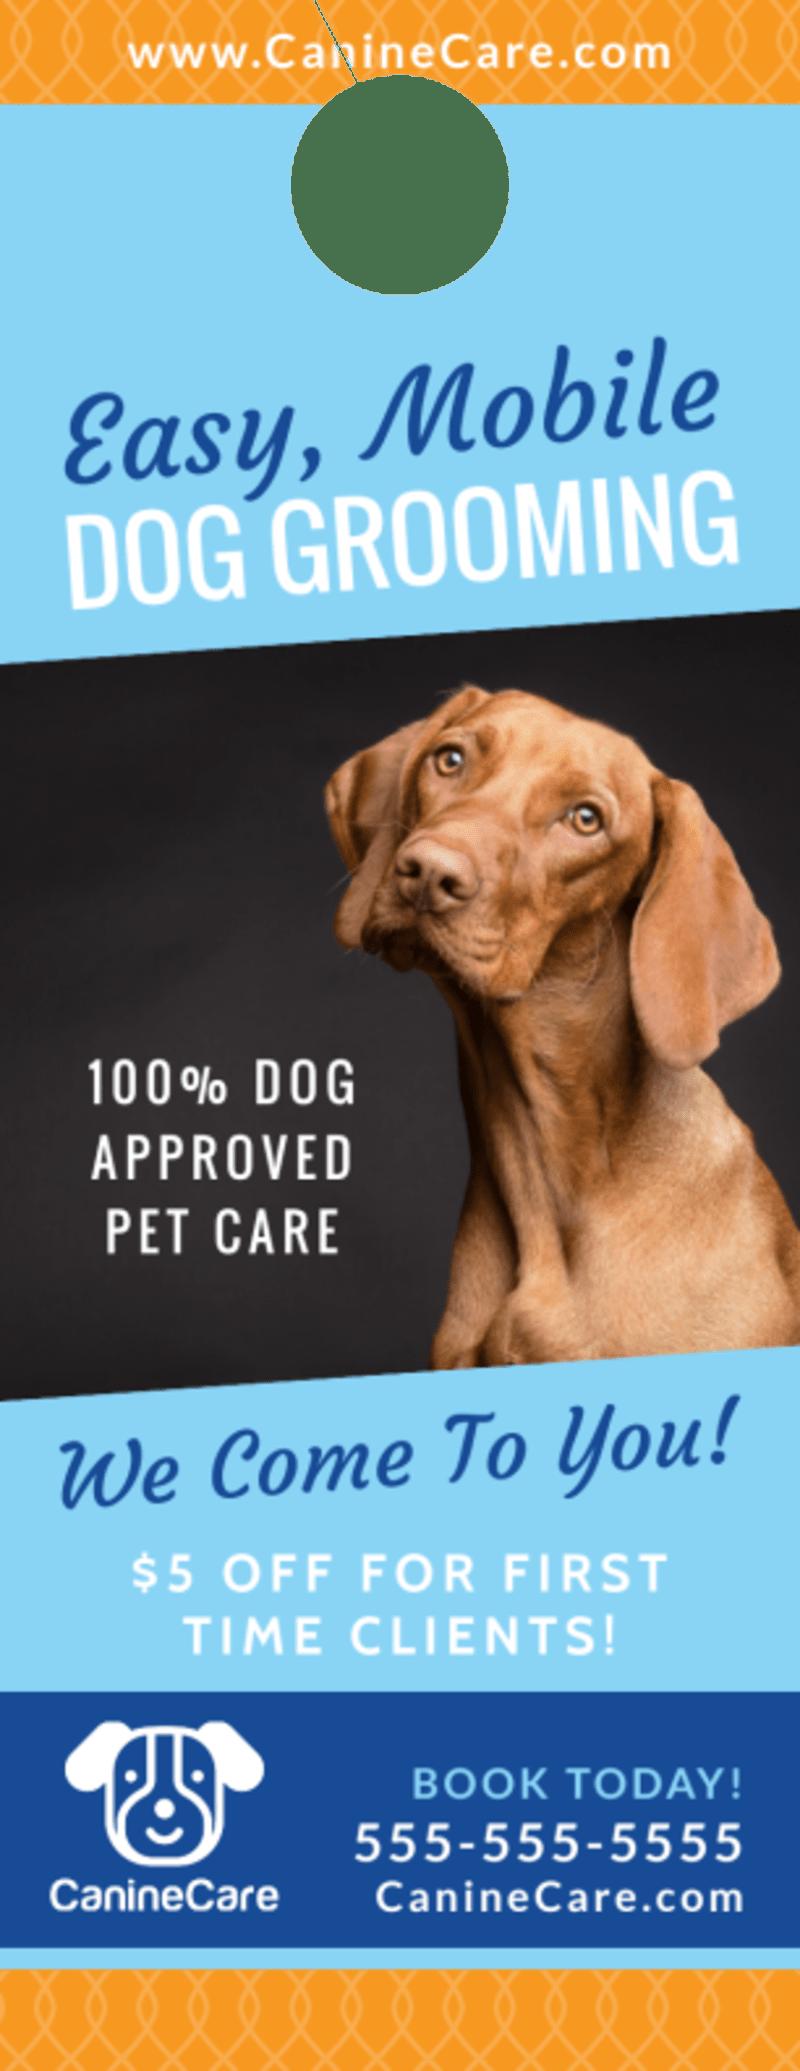 Special Dog Grooming Door Hanger Template Preview 2